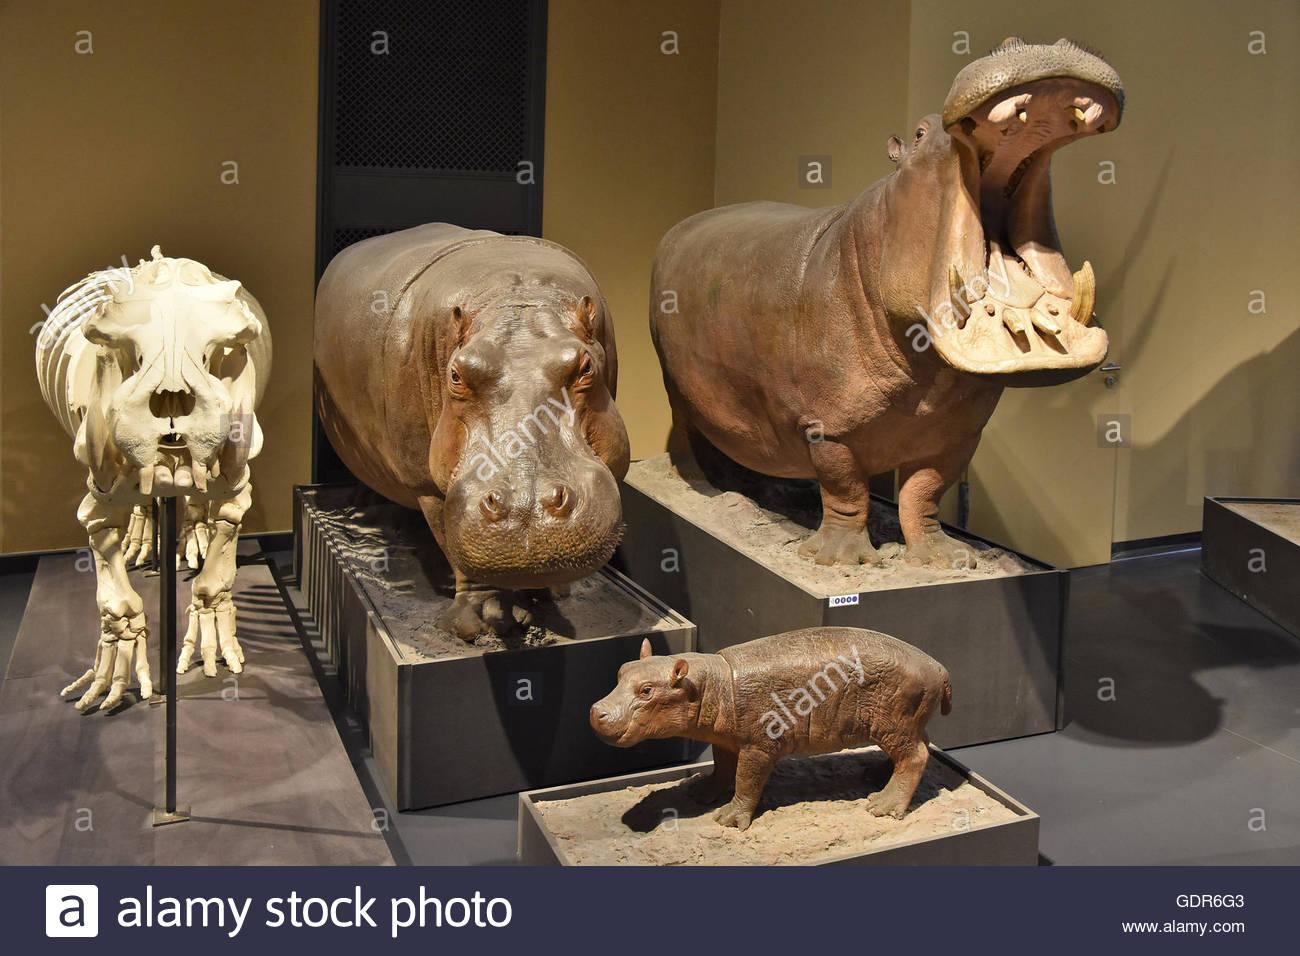 Hippopotamus (Hippopotamus amphibius) models exhibits in Museum of Natural History Berlin Germany Europe - Stock Image